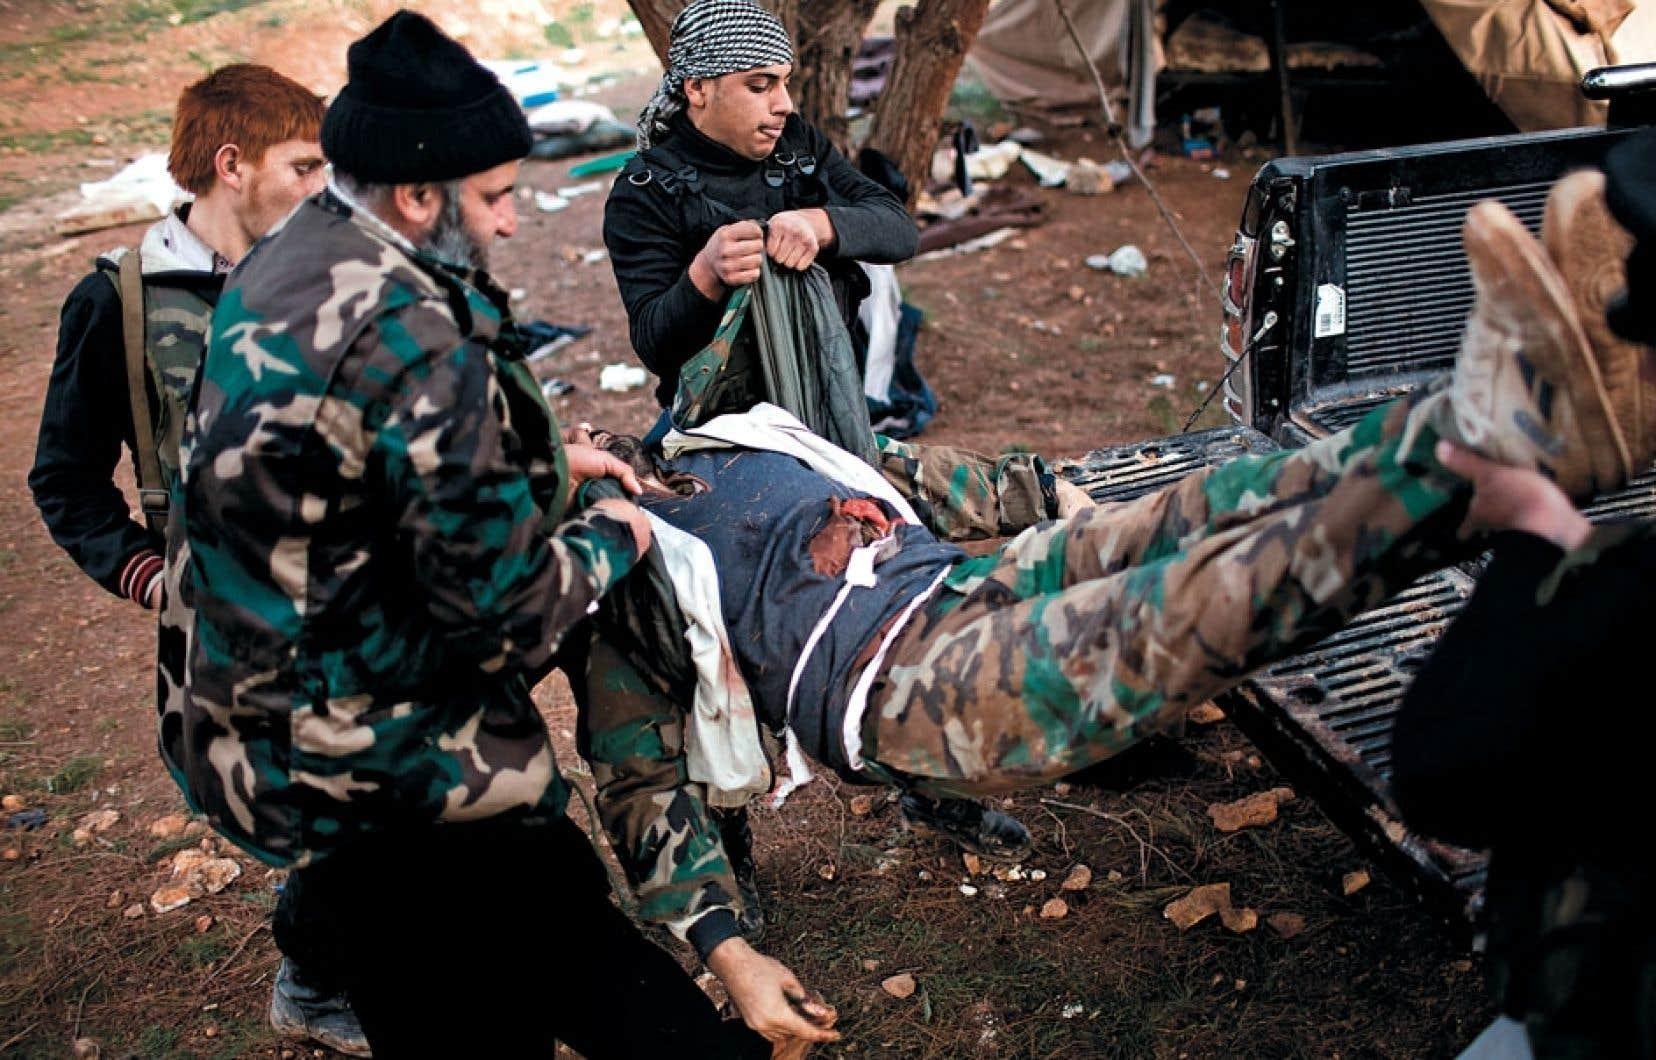 <div> Des combattants rebelles déplaçant le corps d'un soldat des forces gouvernementales après de violents affrontements dans la ville de Sheer Tal, en Syrie, dimanche.</div>